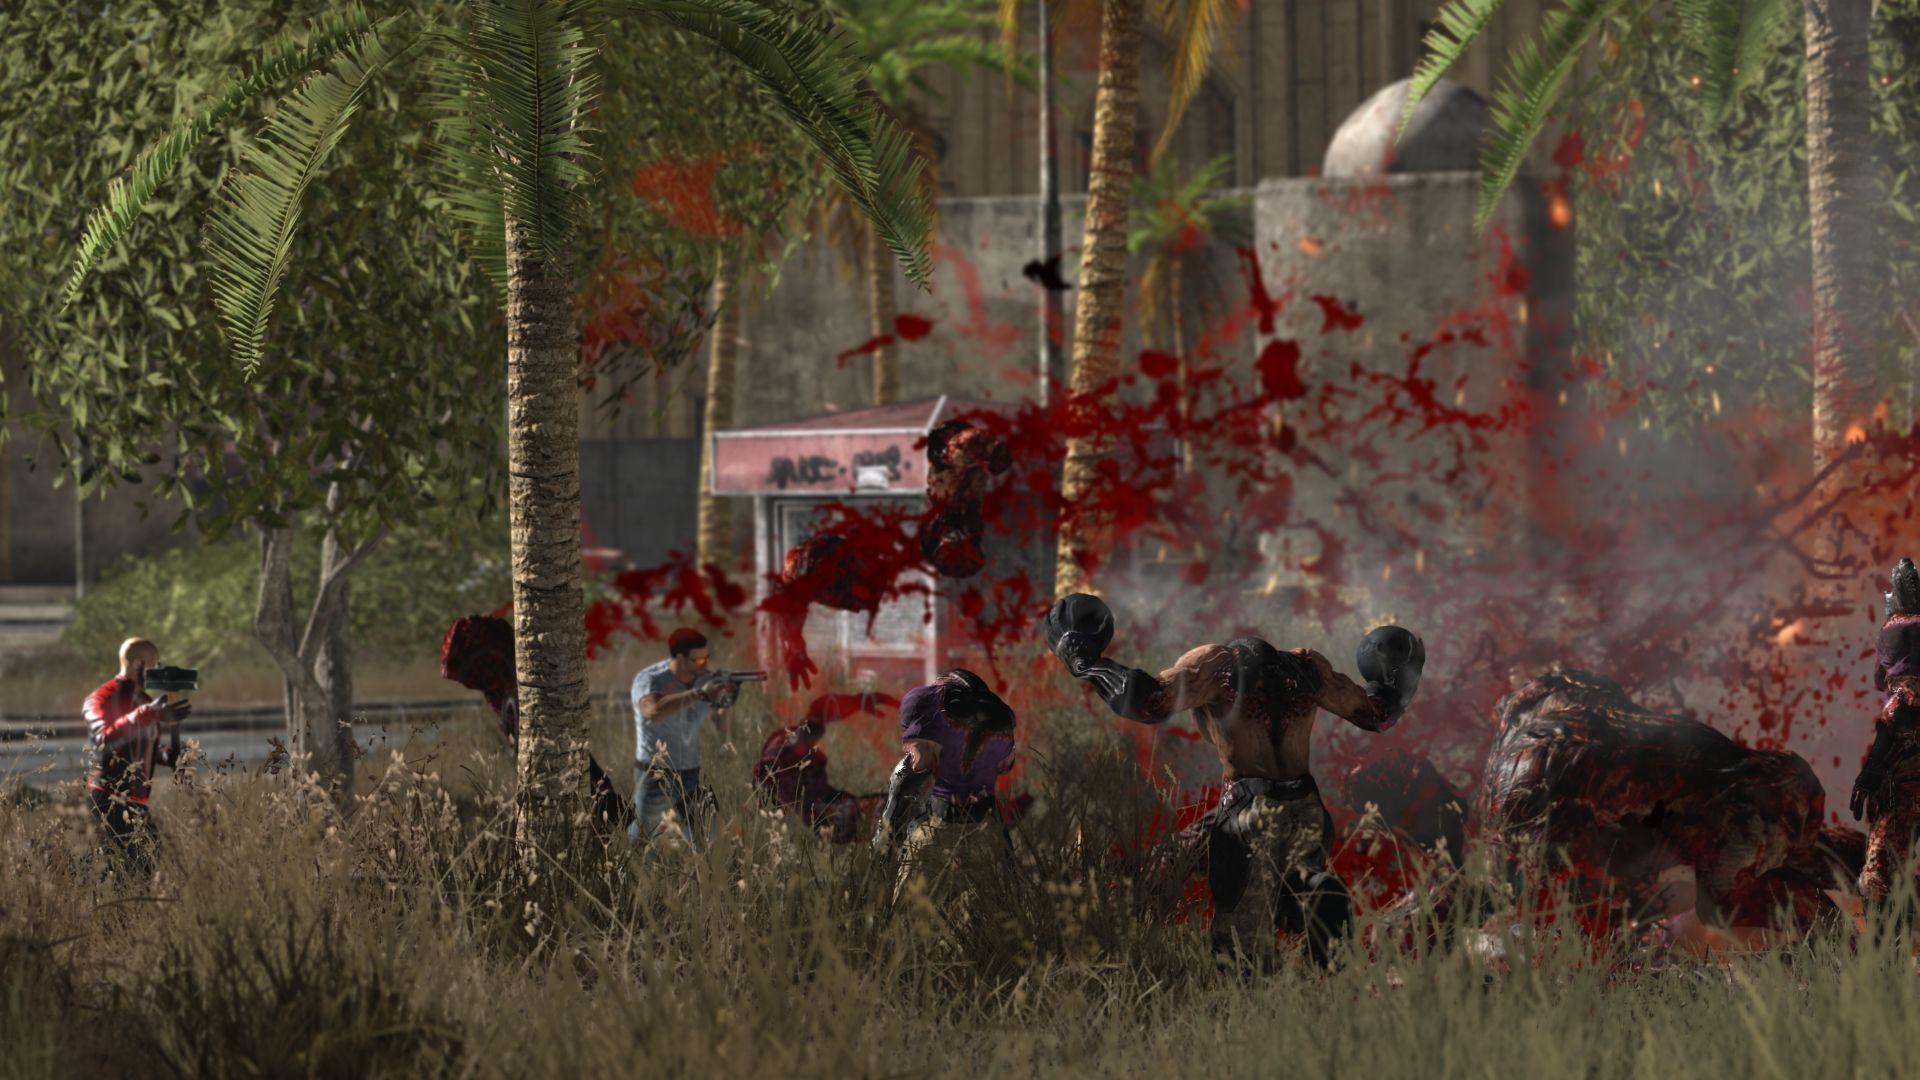 سی دی کی اریجینال استیم بازی Serious Sam 3: BFE